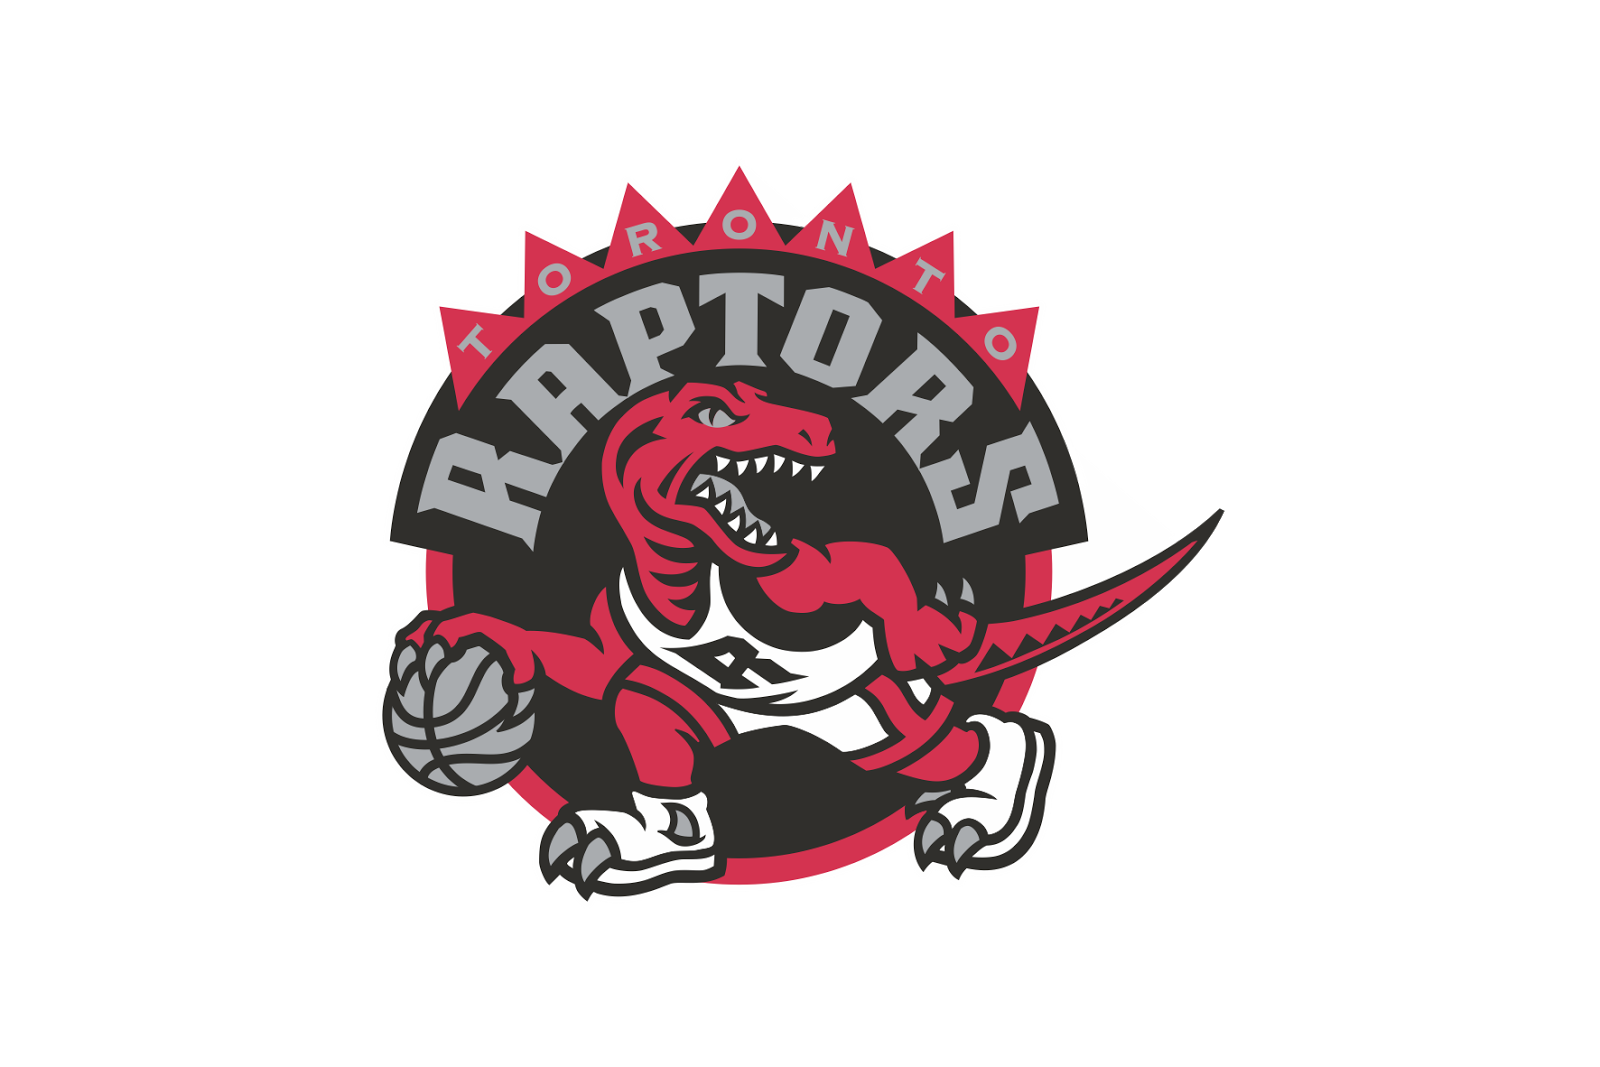 1600x1067 15 Raptor Vector Logo For Free Download On Mbtskoudsalg